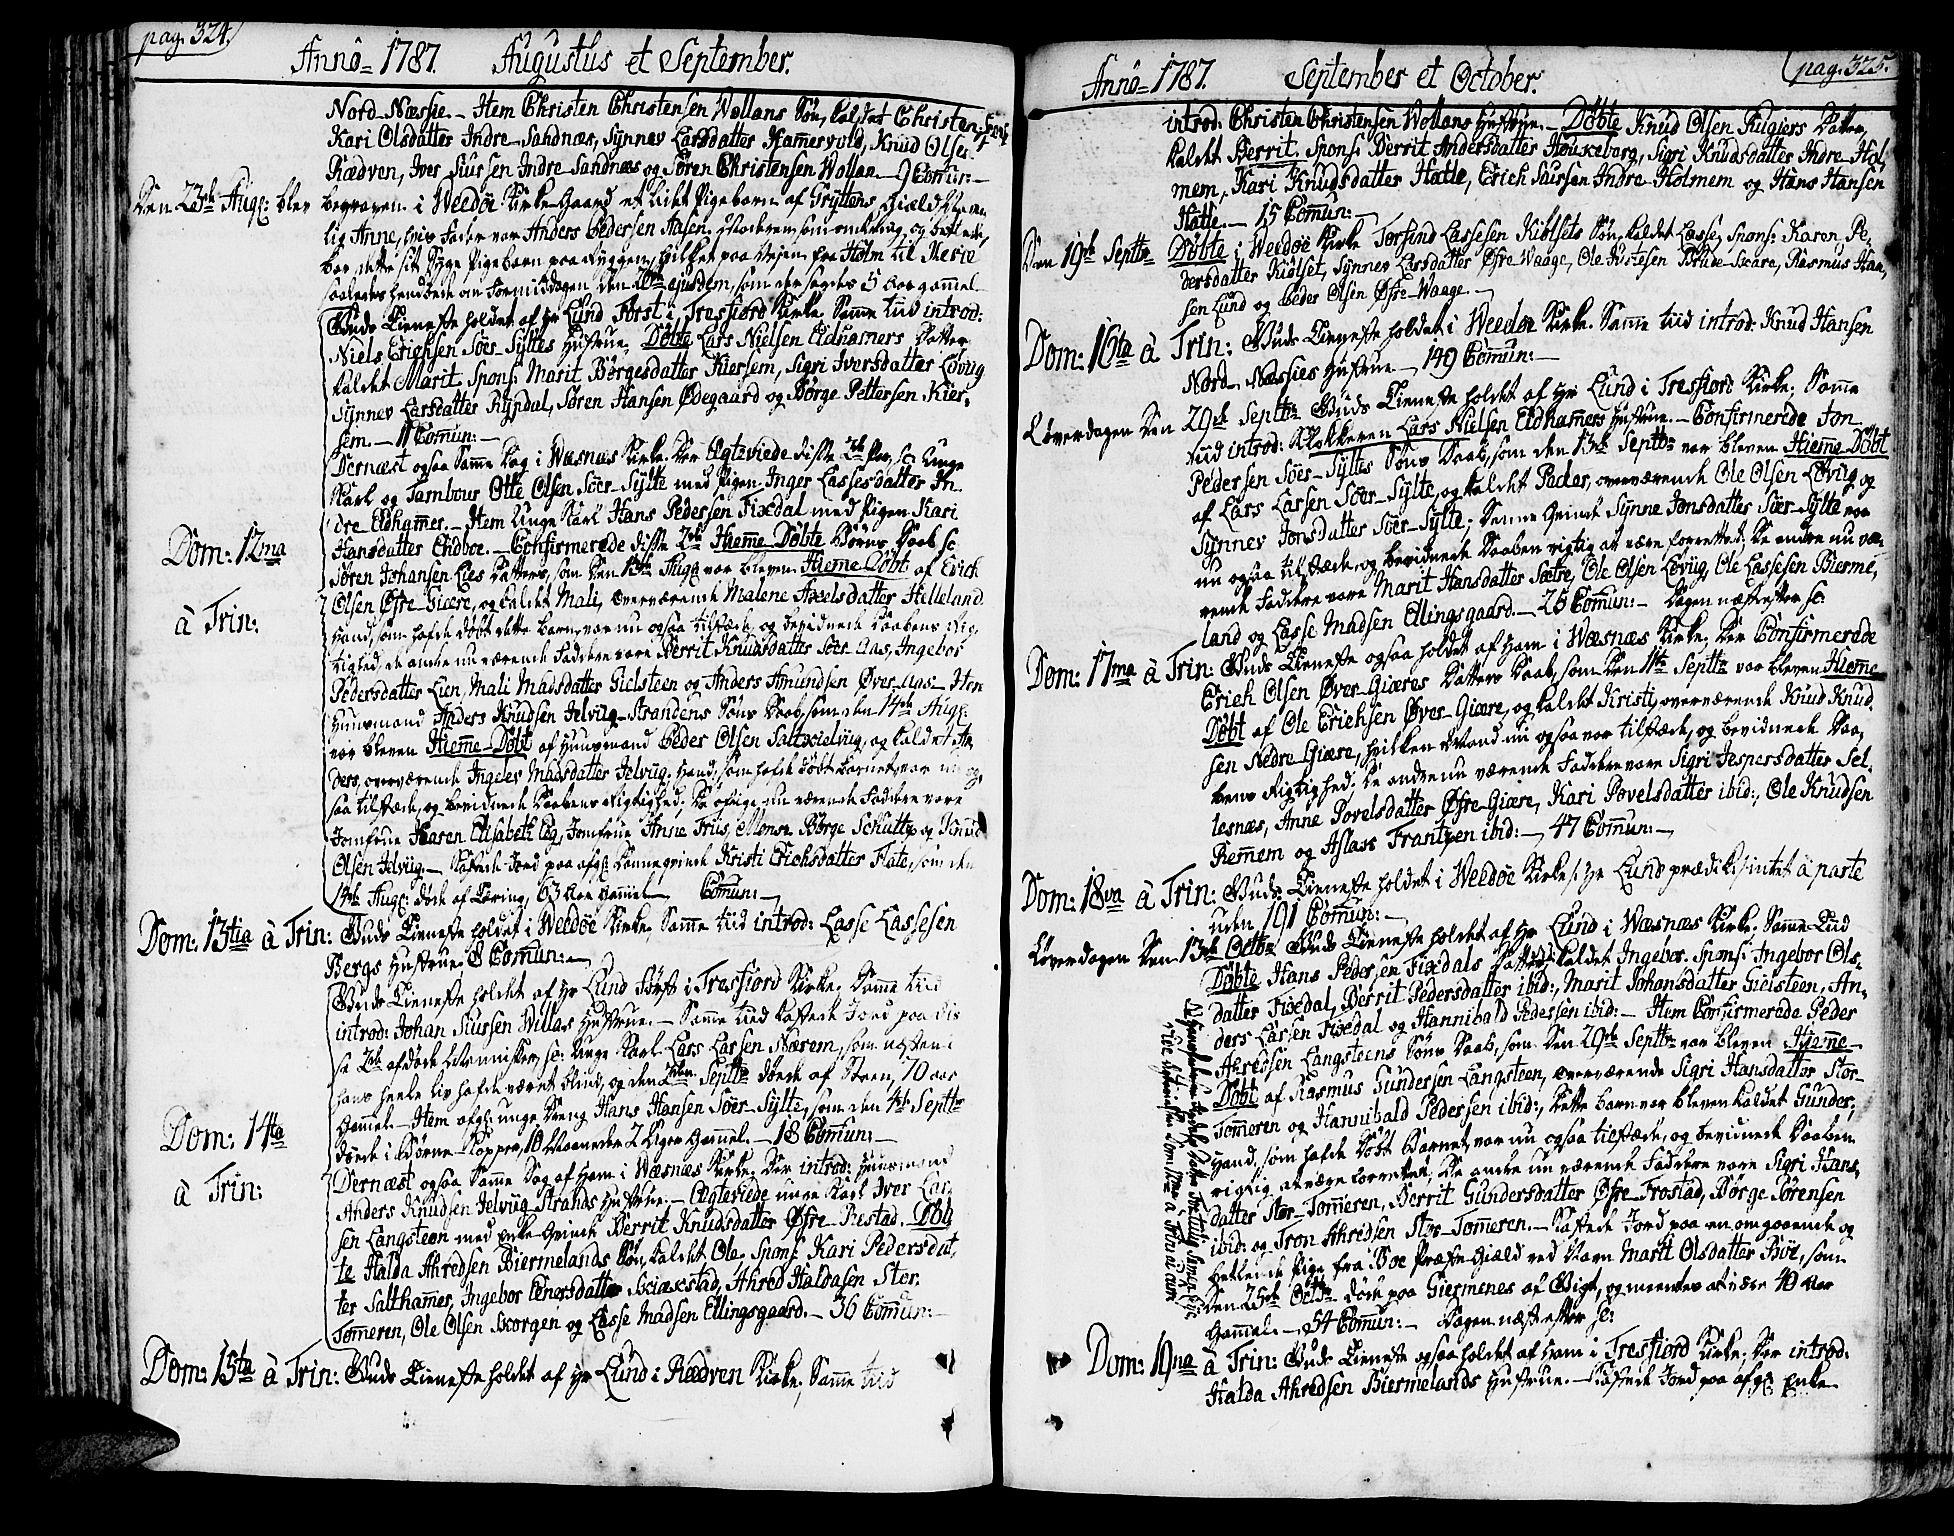 SAT, Ministerialprotokoller, klokkerbøker og fødselsregistre - Møre og Romsdal, 547/L0600: Ministerialbok nr. 547A02, 1765-1799, s. 324-325